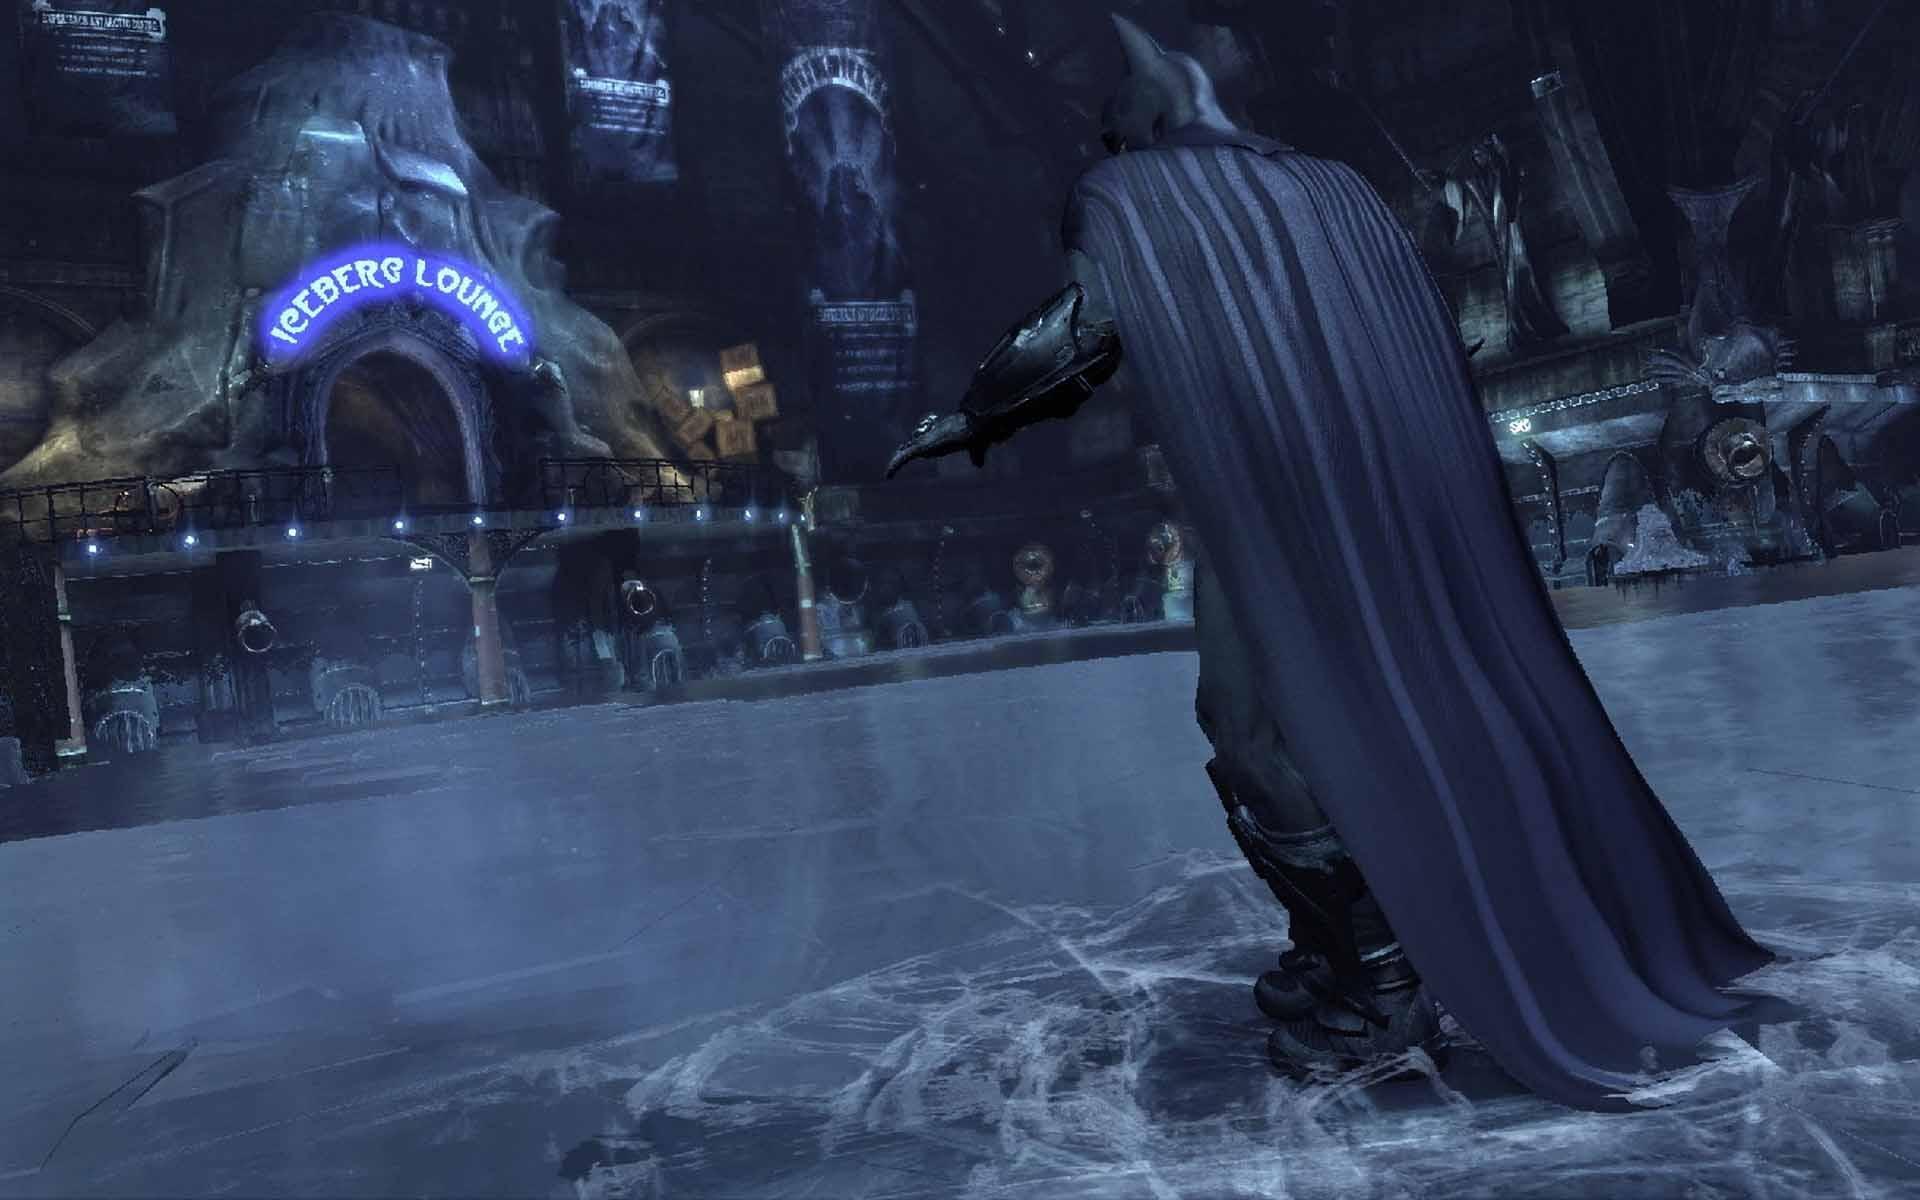 Batman Arkham Asylum Anime Hd Desktop Wallpaper 1080p Wallpaper 1920x1200